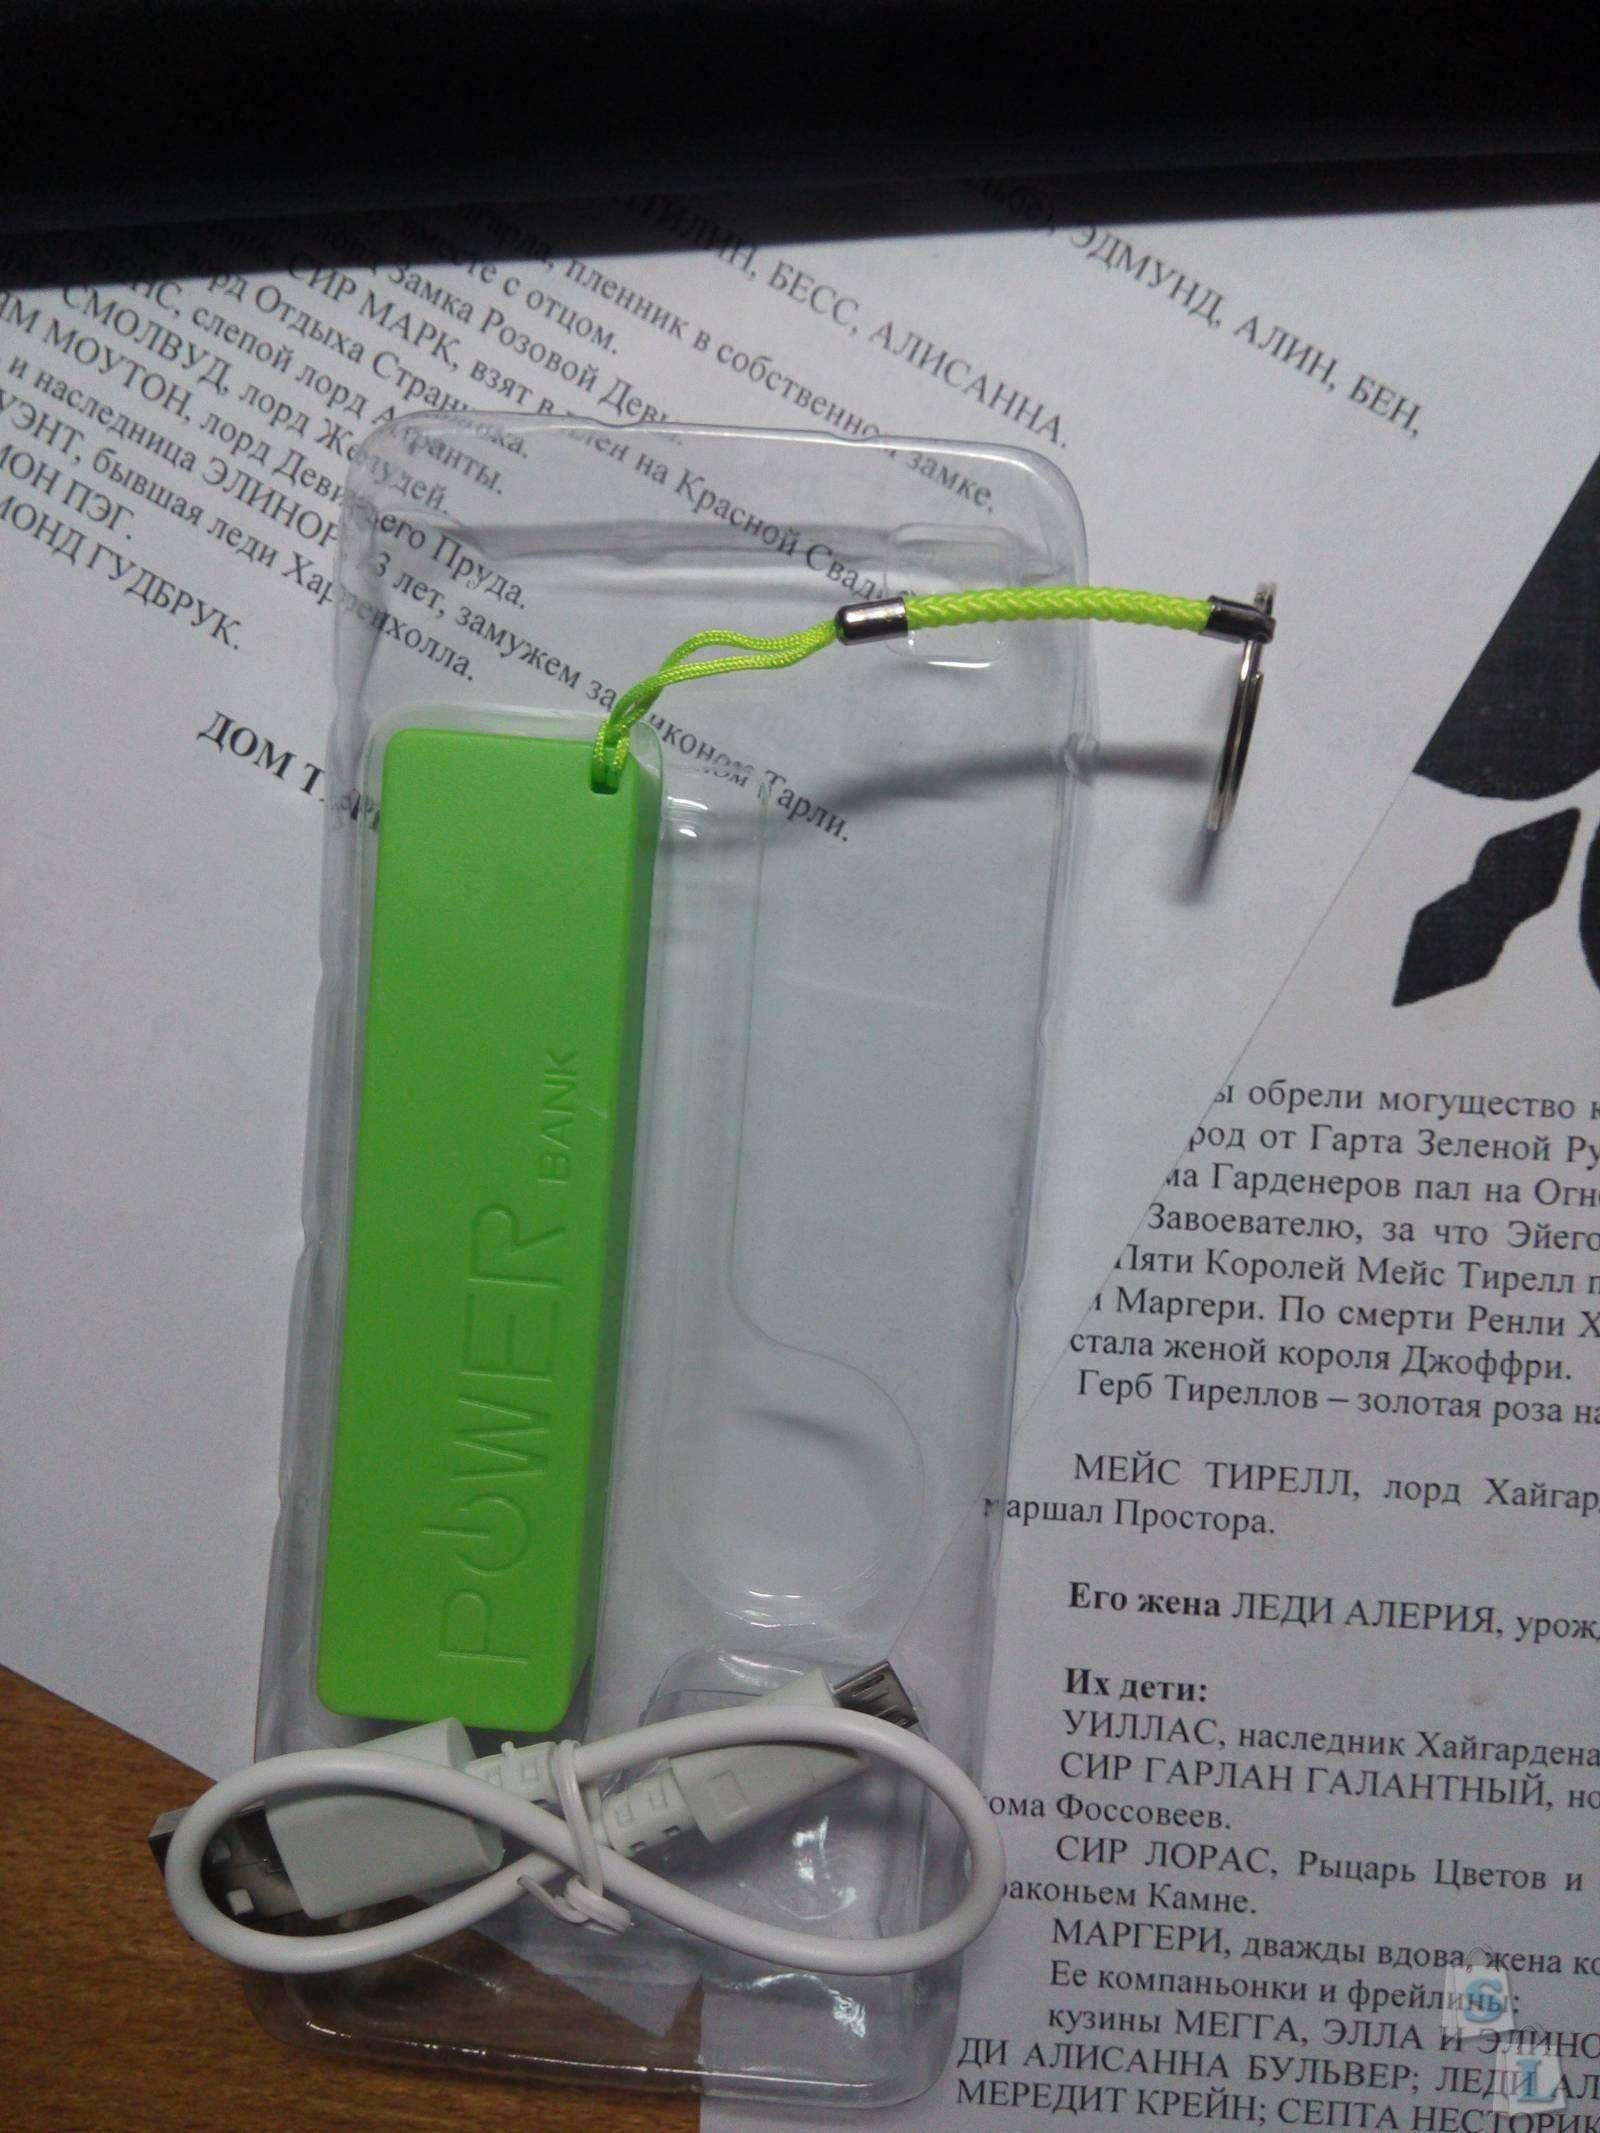 GearBest: Павербанк-брелок для слабенького смартфона